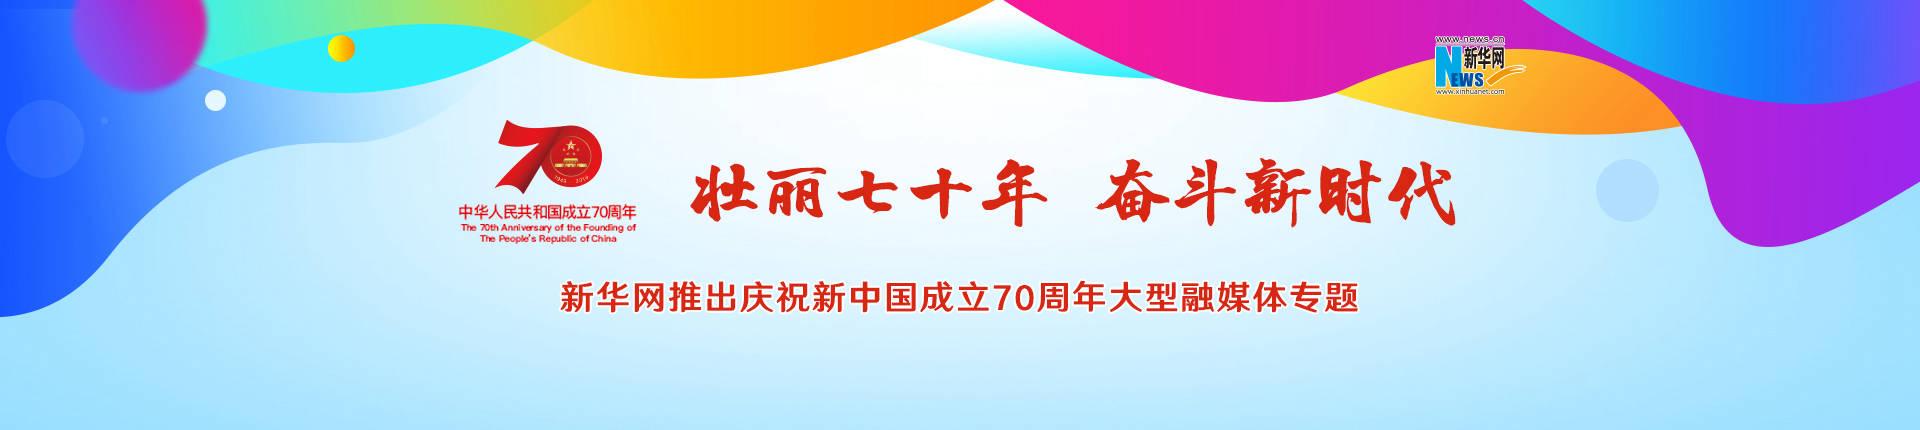 新華網推出慶祝新中國成立70周年大型融媒體專題